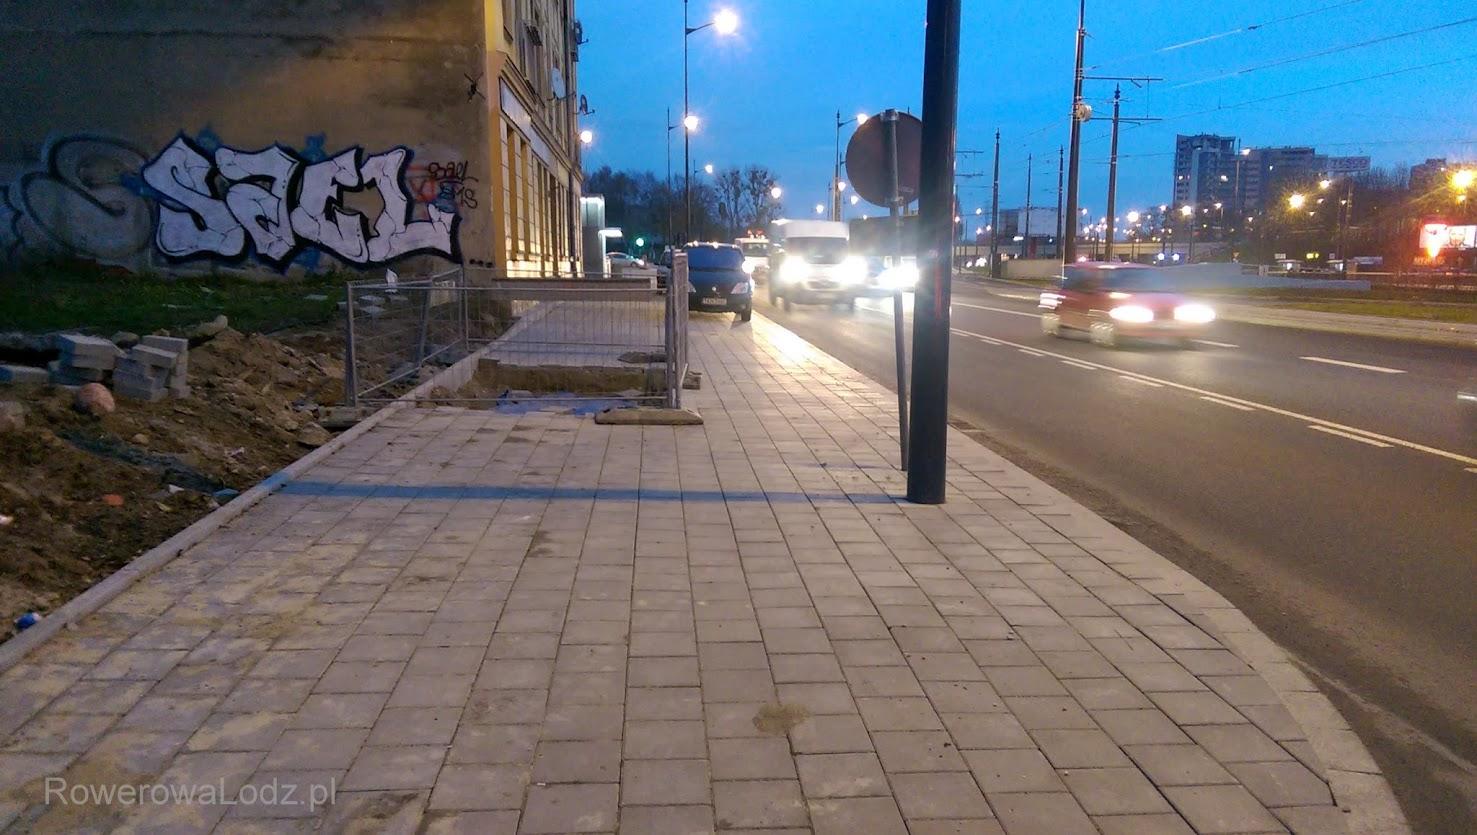 Może ktoś uznał, że to za mała przestrzeń aby zbudować drogę dla rowerów?